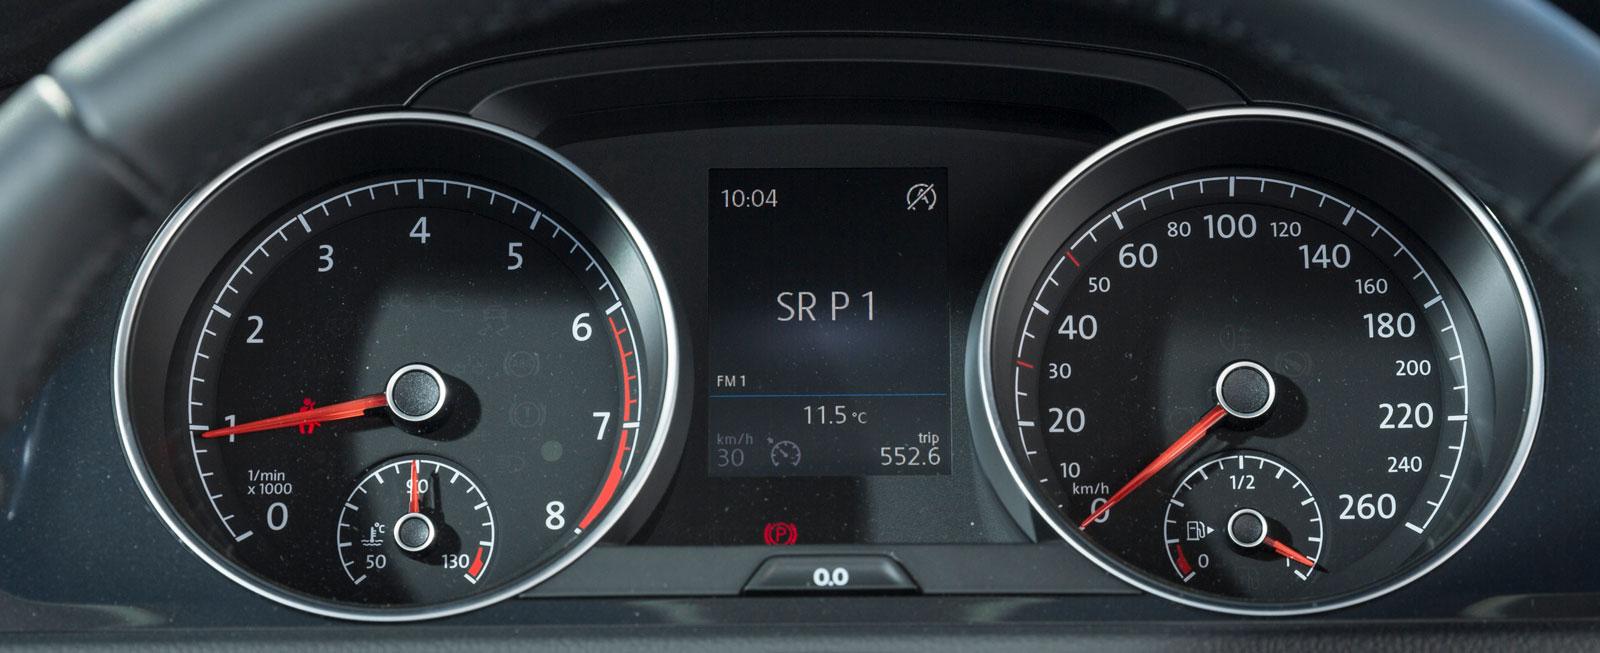 VW:s mätartavlor sitter djupt försänkta och kan även de upplevas som aningen dunkla i dagsljus. Färddatorn mellan rundlarna är mycket lättskött och informativ. Bäst i test!